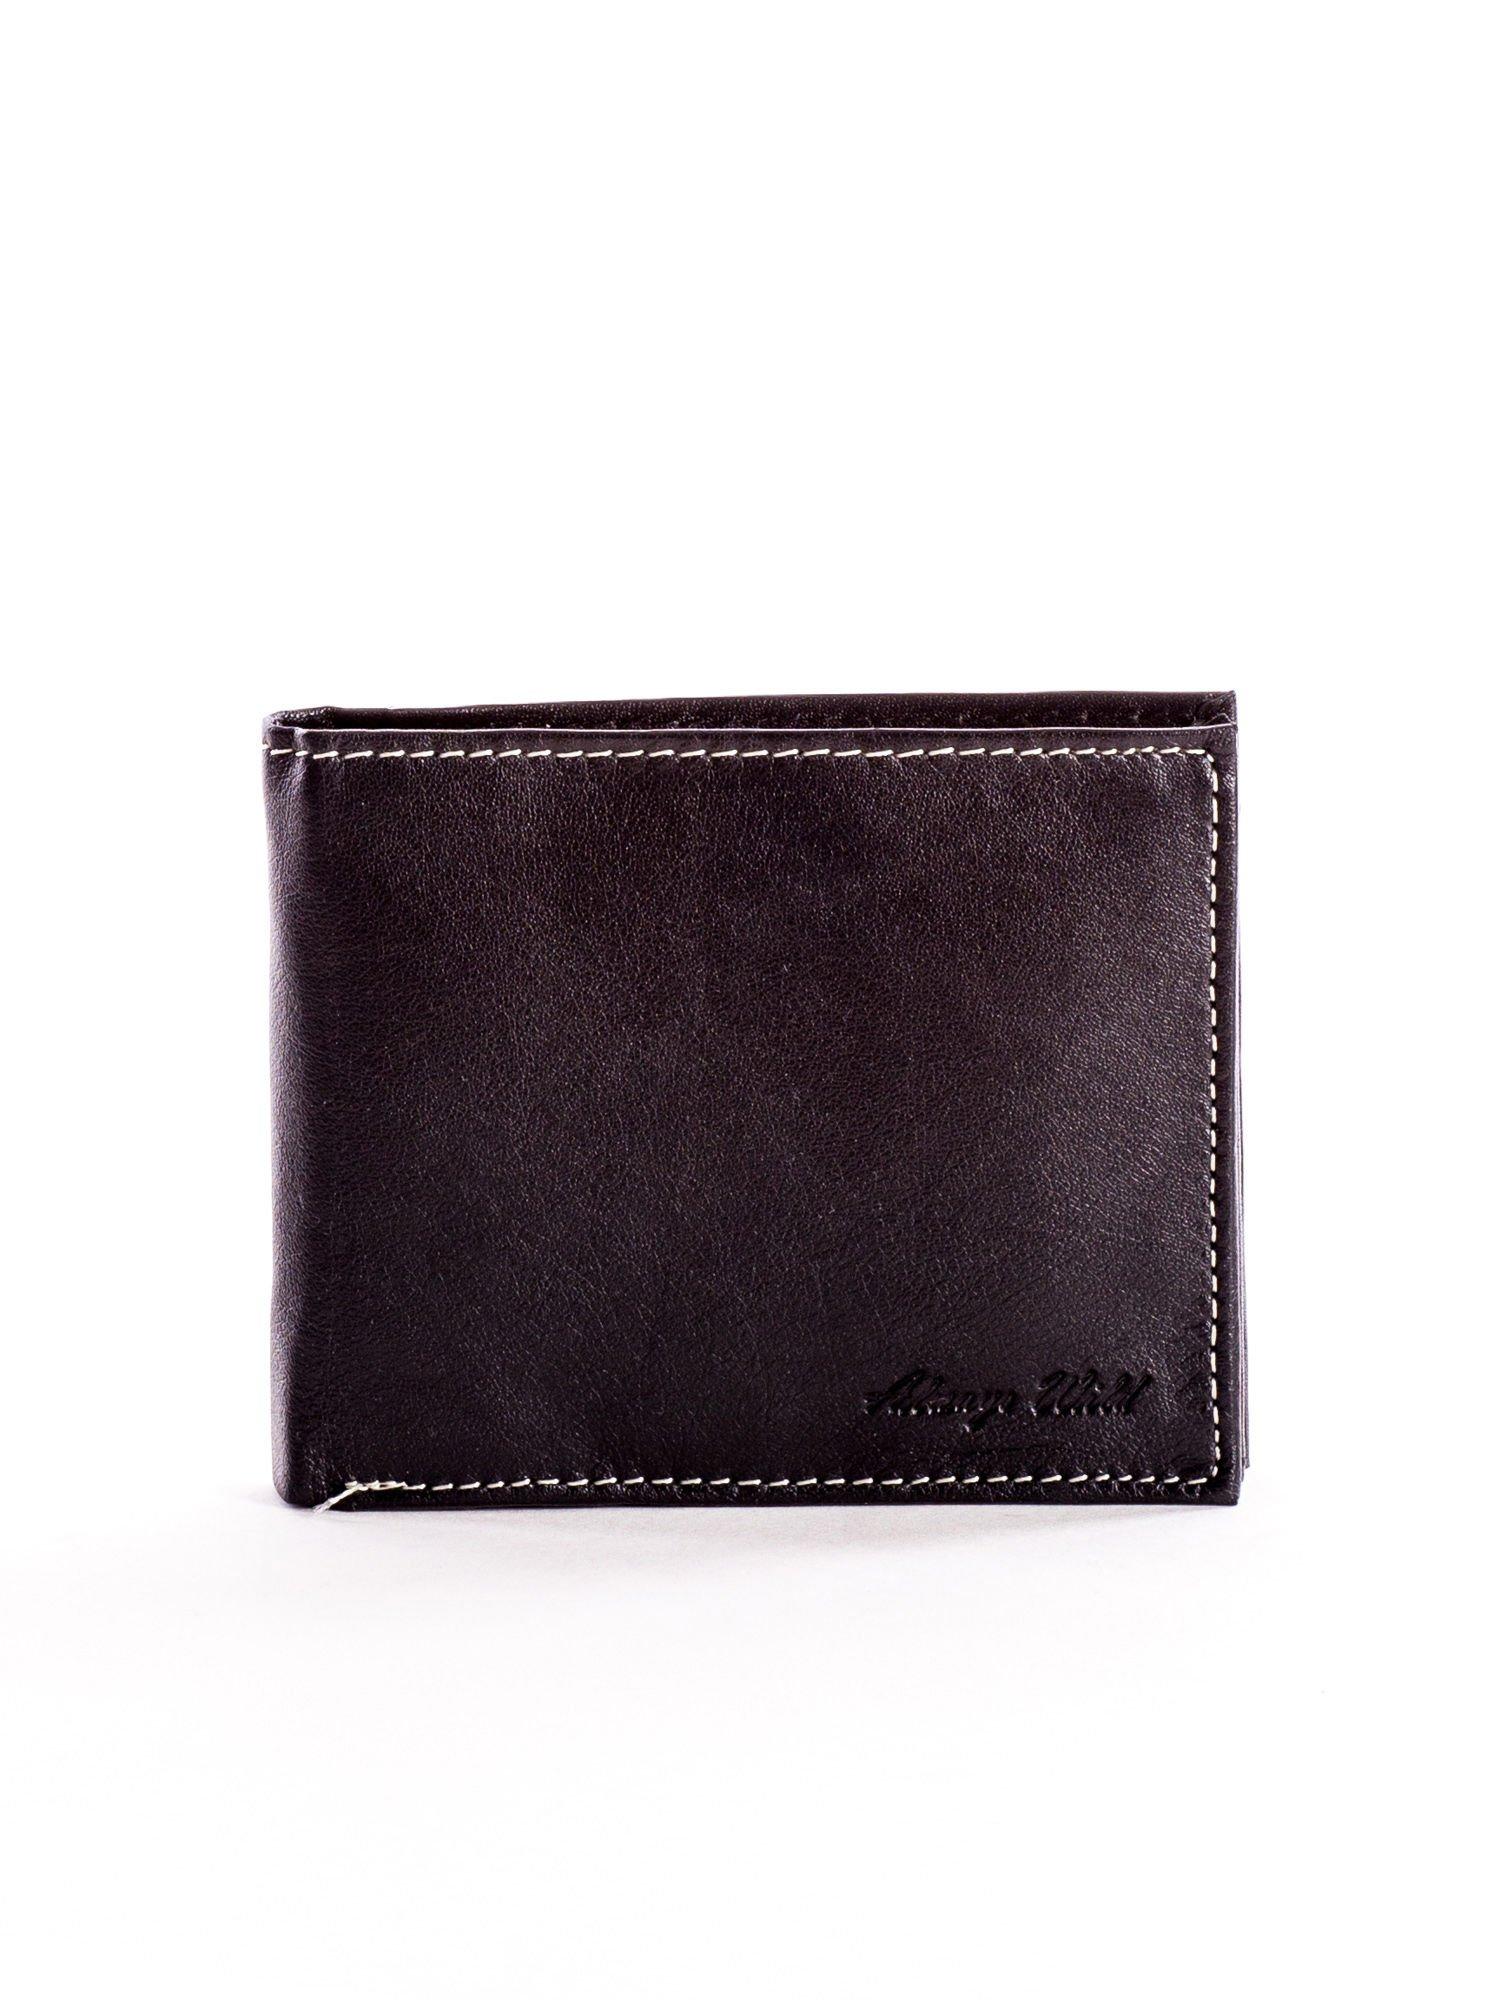 7086059e1fea6 Czarny miękki skórzany portfel dla mężczyzny - Mężczyźni portfel męski -  sklep eButik.pl